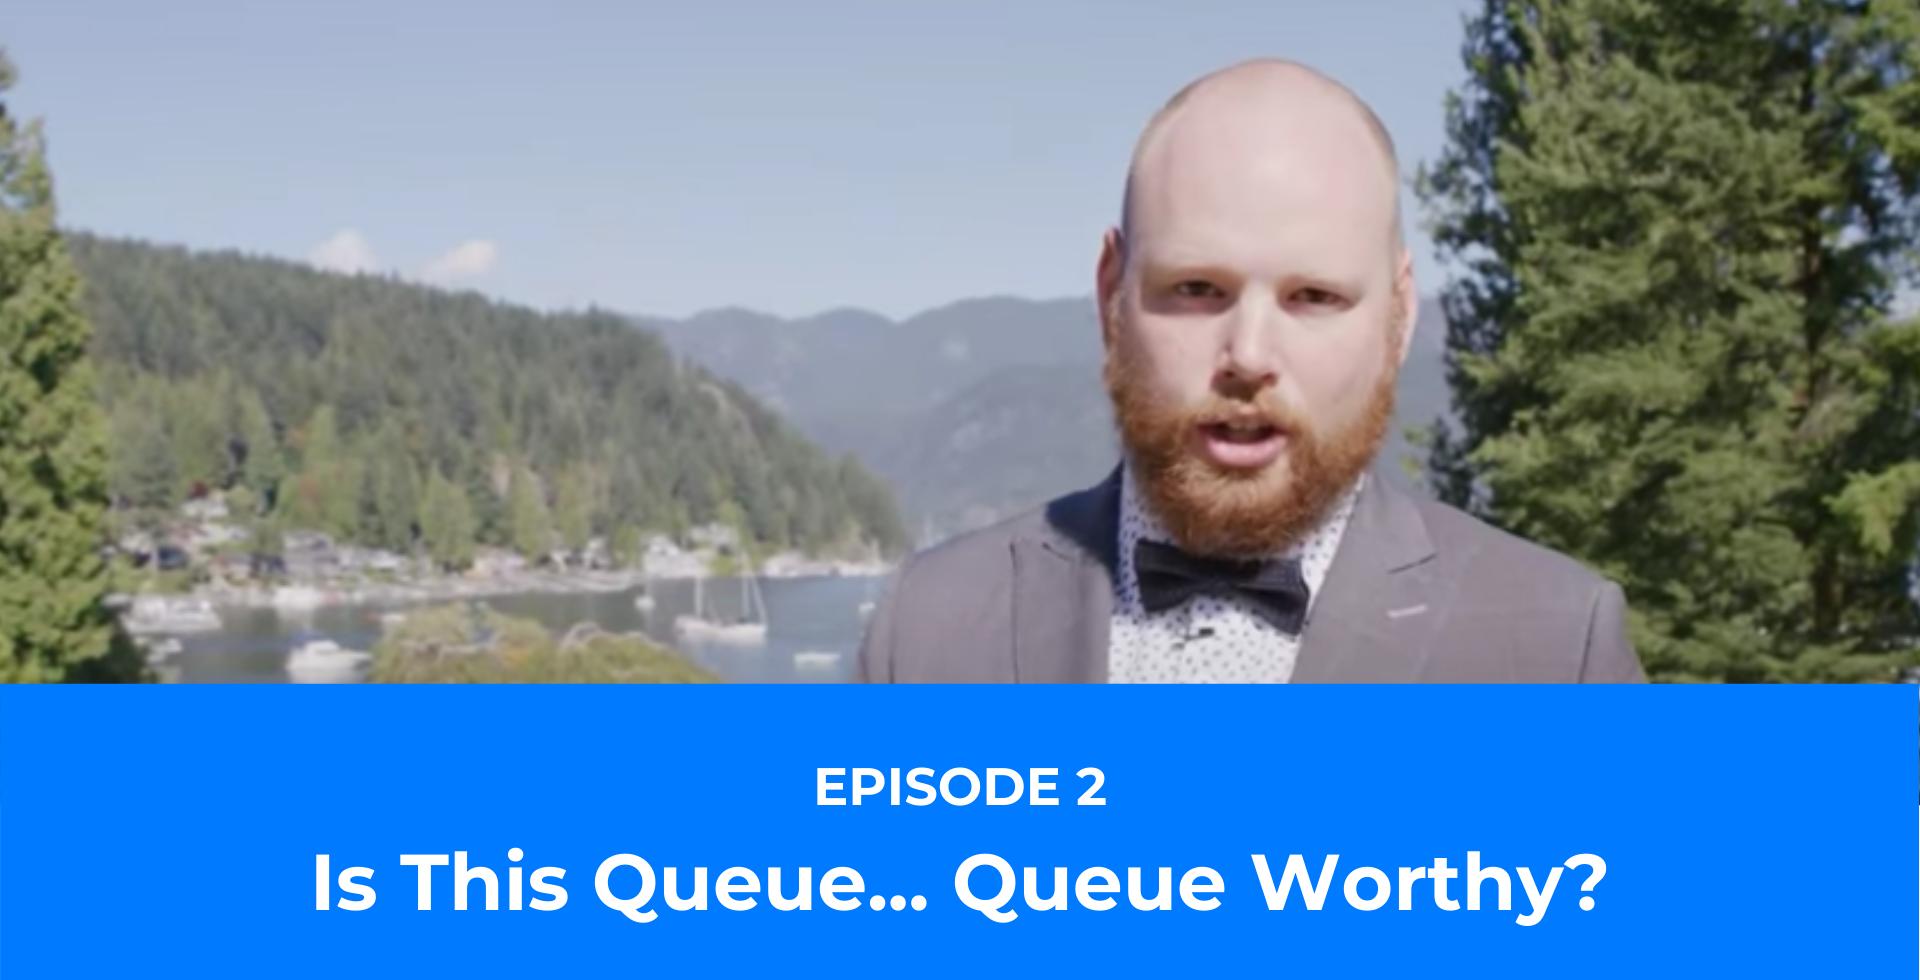 Watch Episode 2 of JQP